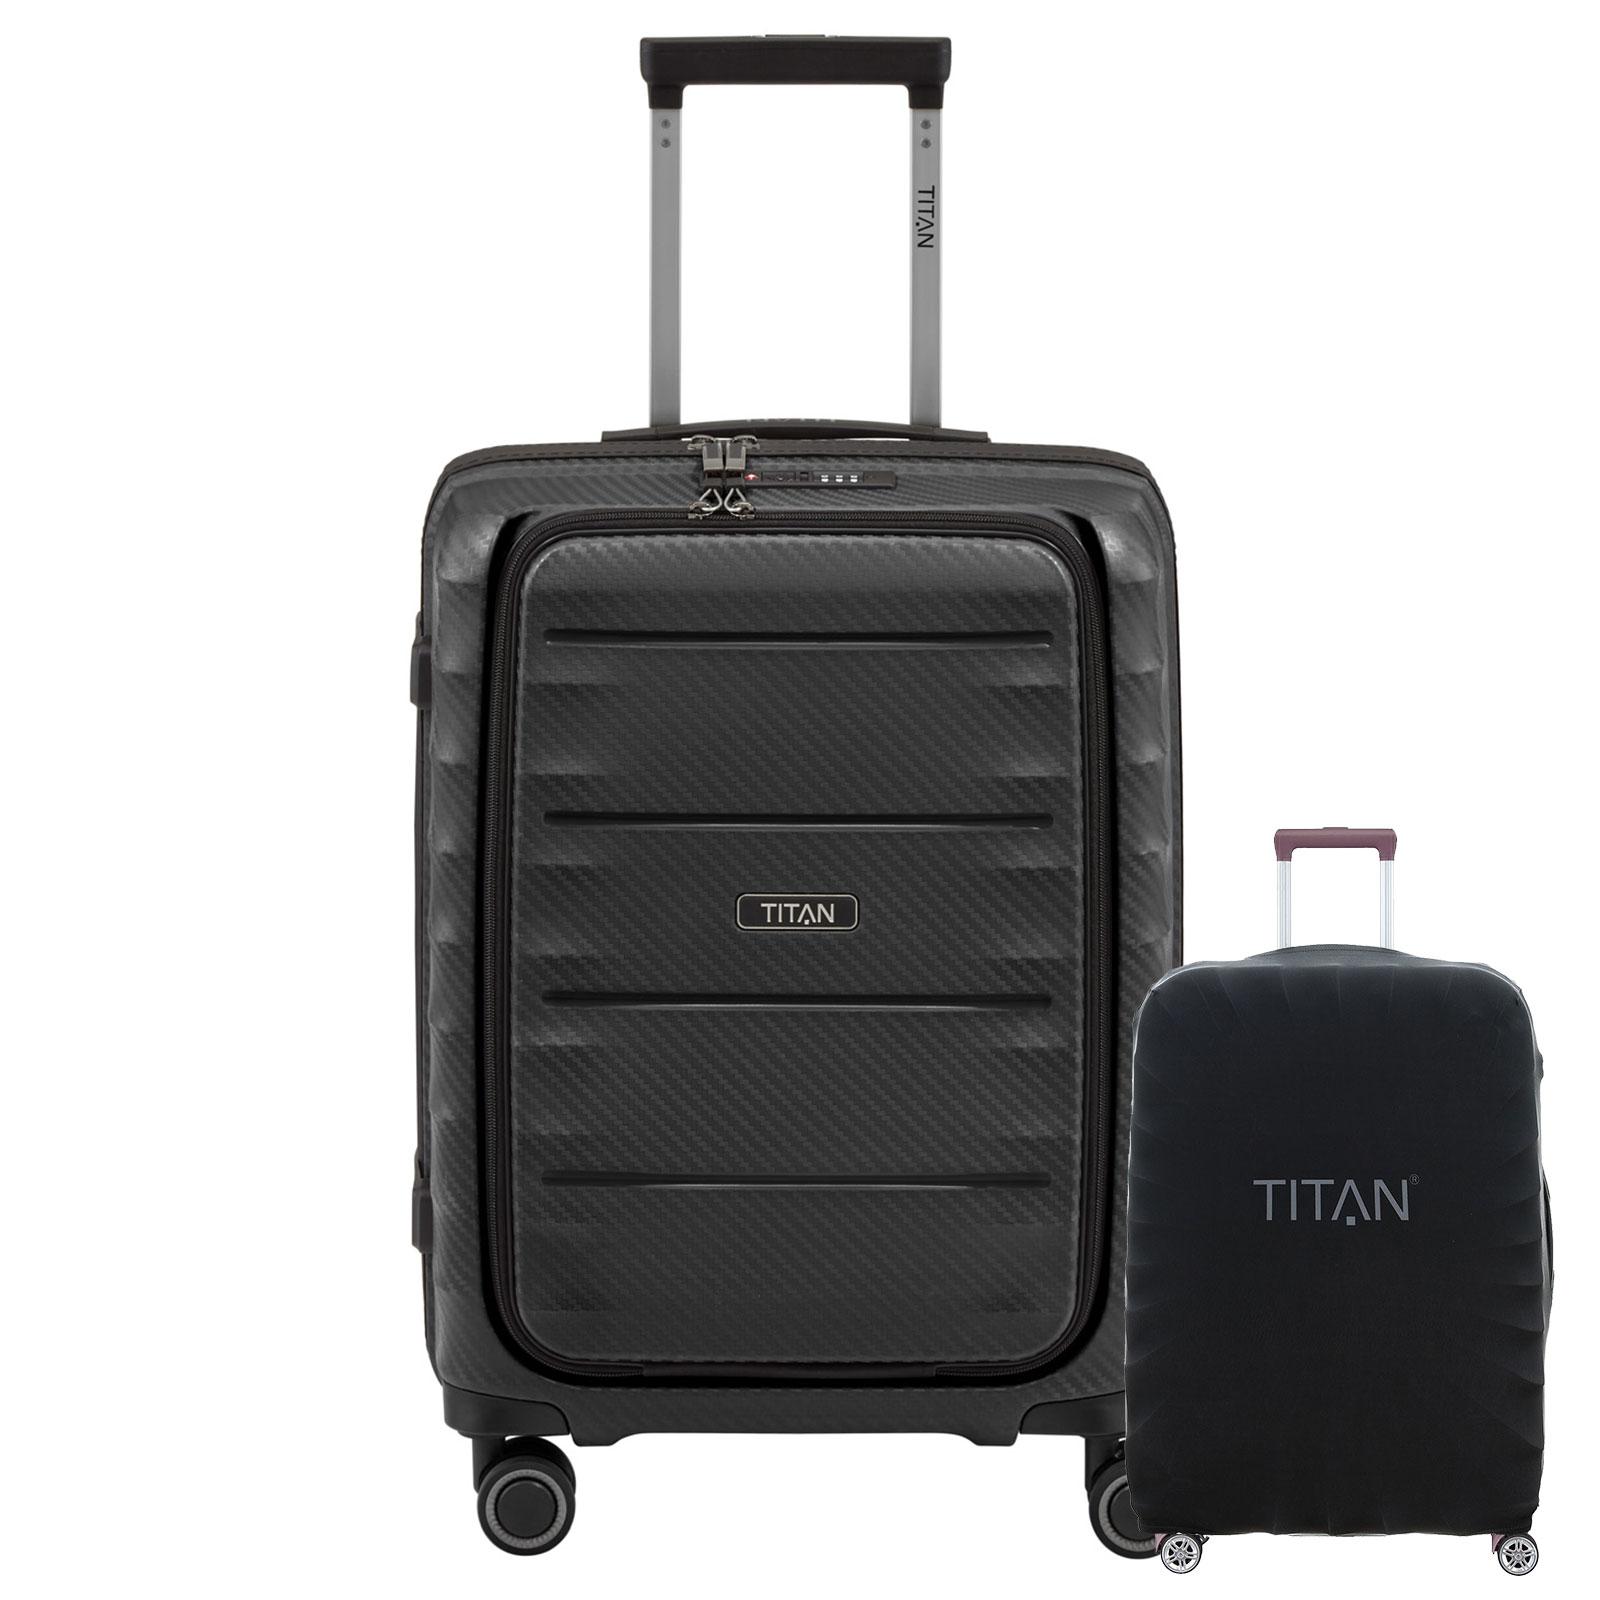 TITAN HIGHLIGHT  Schwarz 55cm Handgepäck Trolley mit Vortasche inkl. Kofferschutz